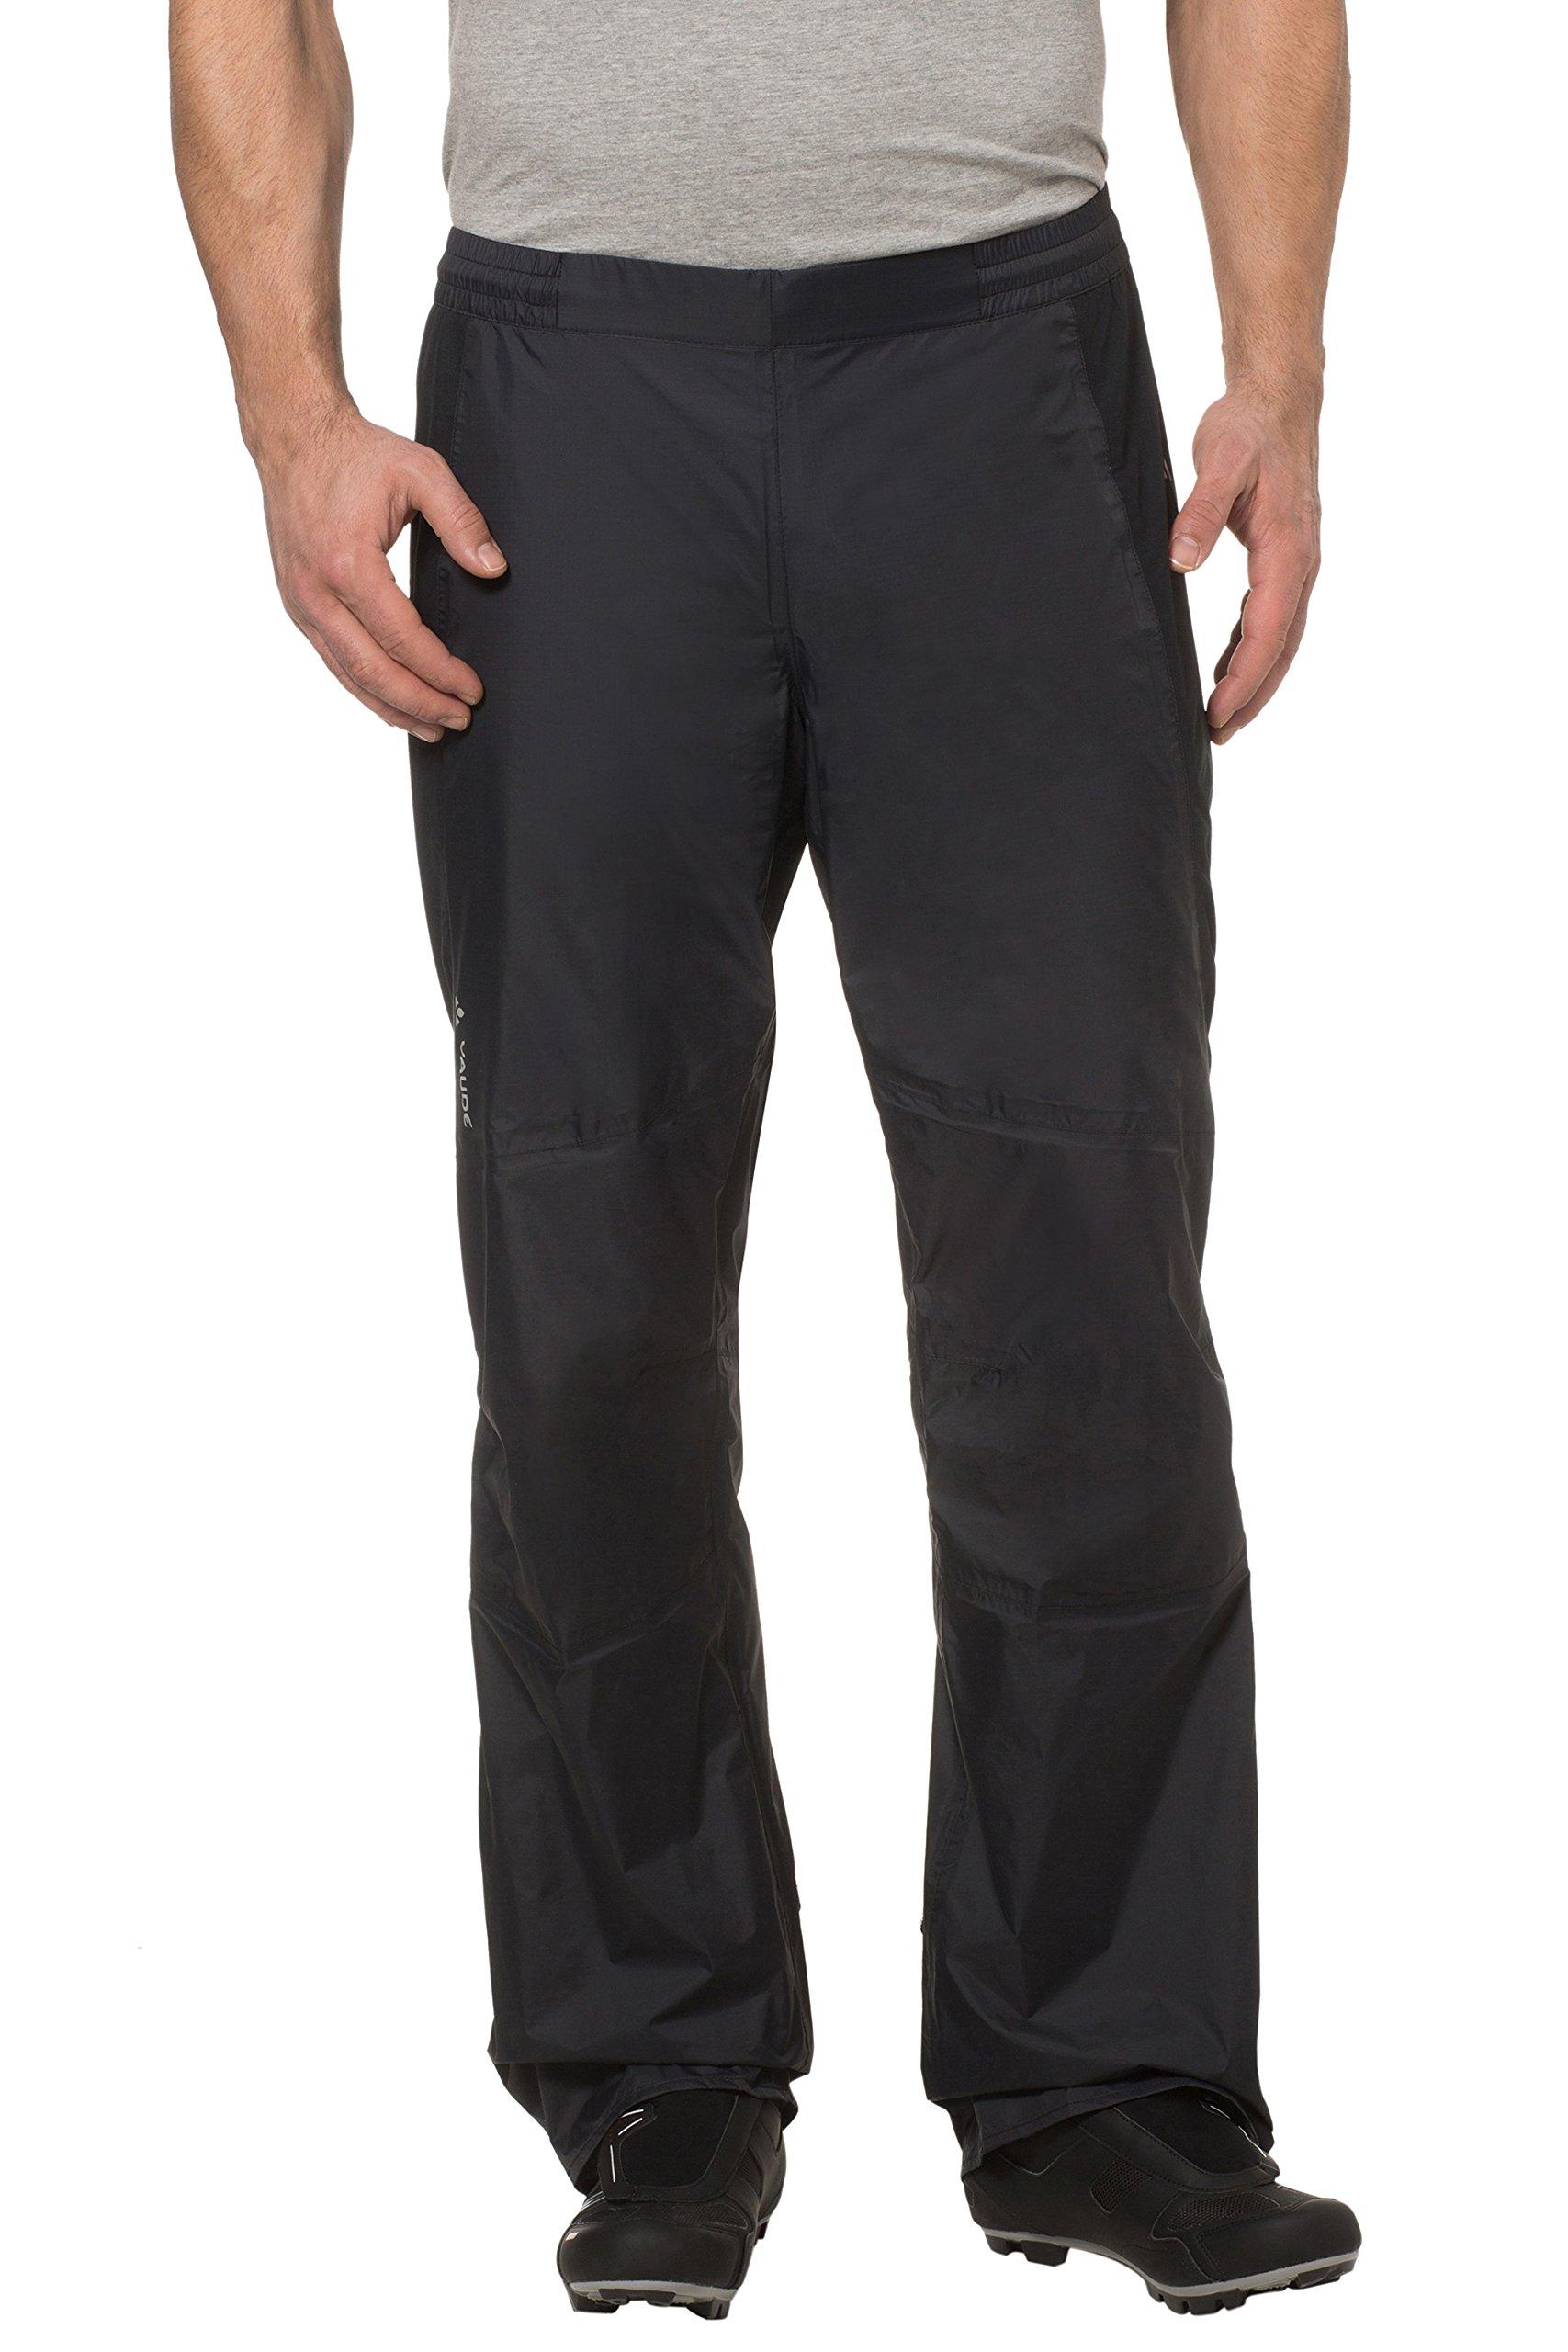 Top Pantalons de cycliste homme selon les notes Amazon.fr 8a2c4342eb2